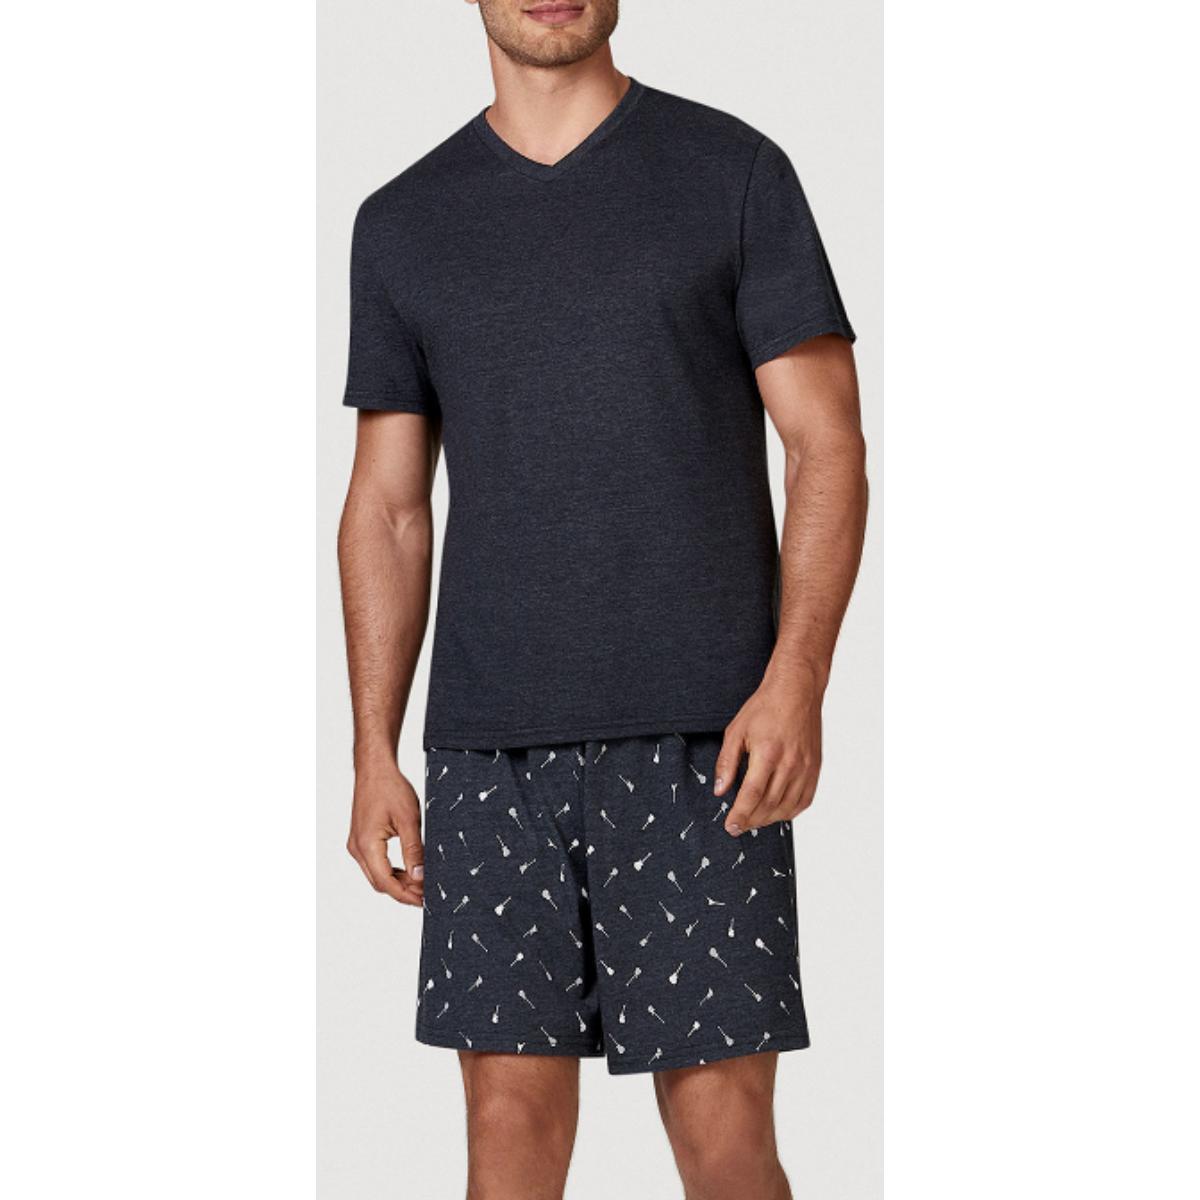 Pijama Masculina Hering 76wx 10jen  Chumbo